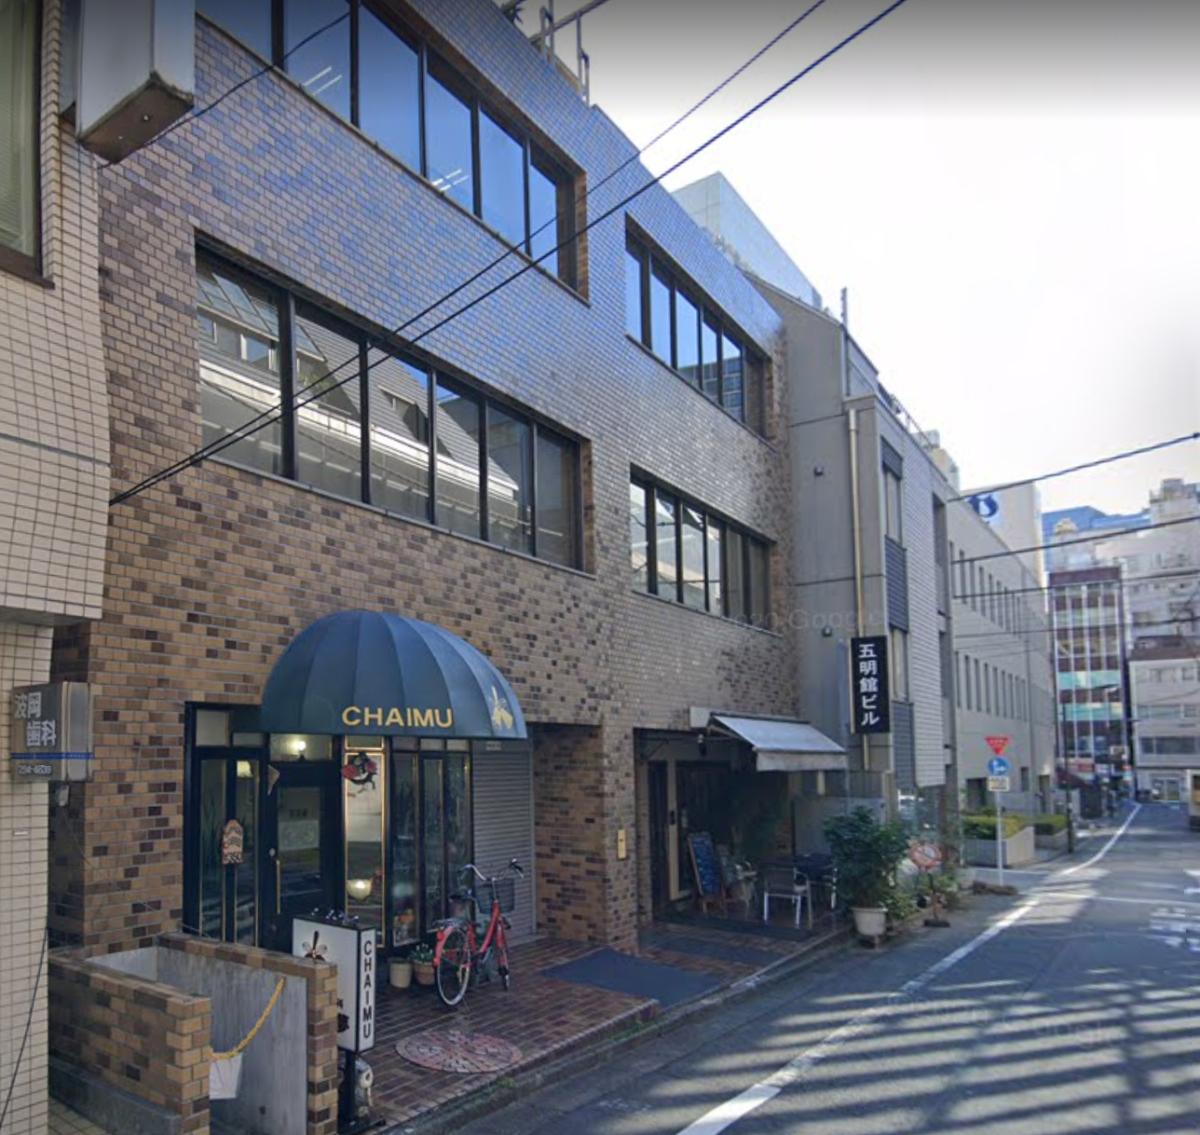 【新御茶ノ水】現・喫茶店店舗/路面物件です!